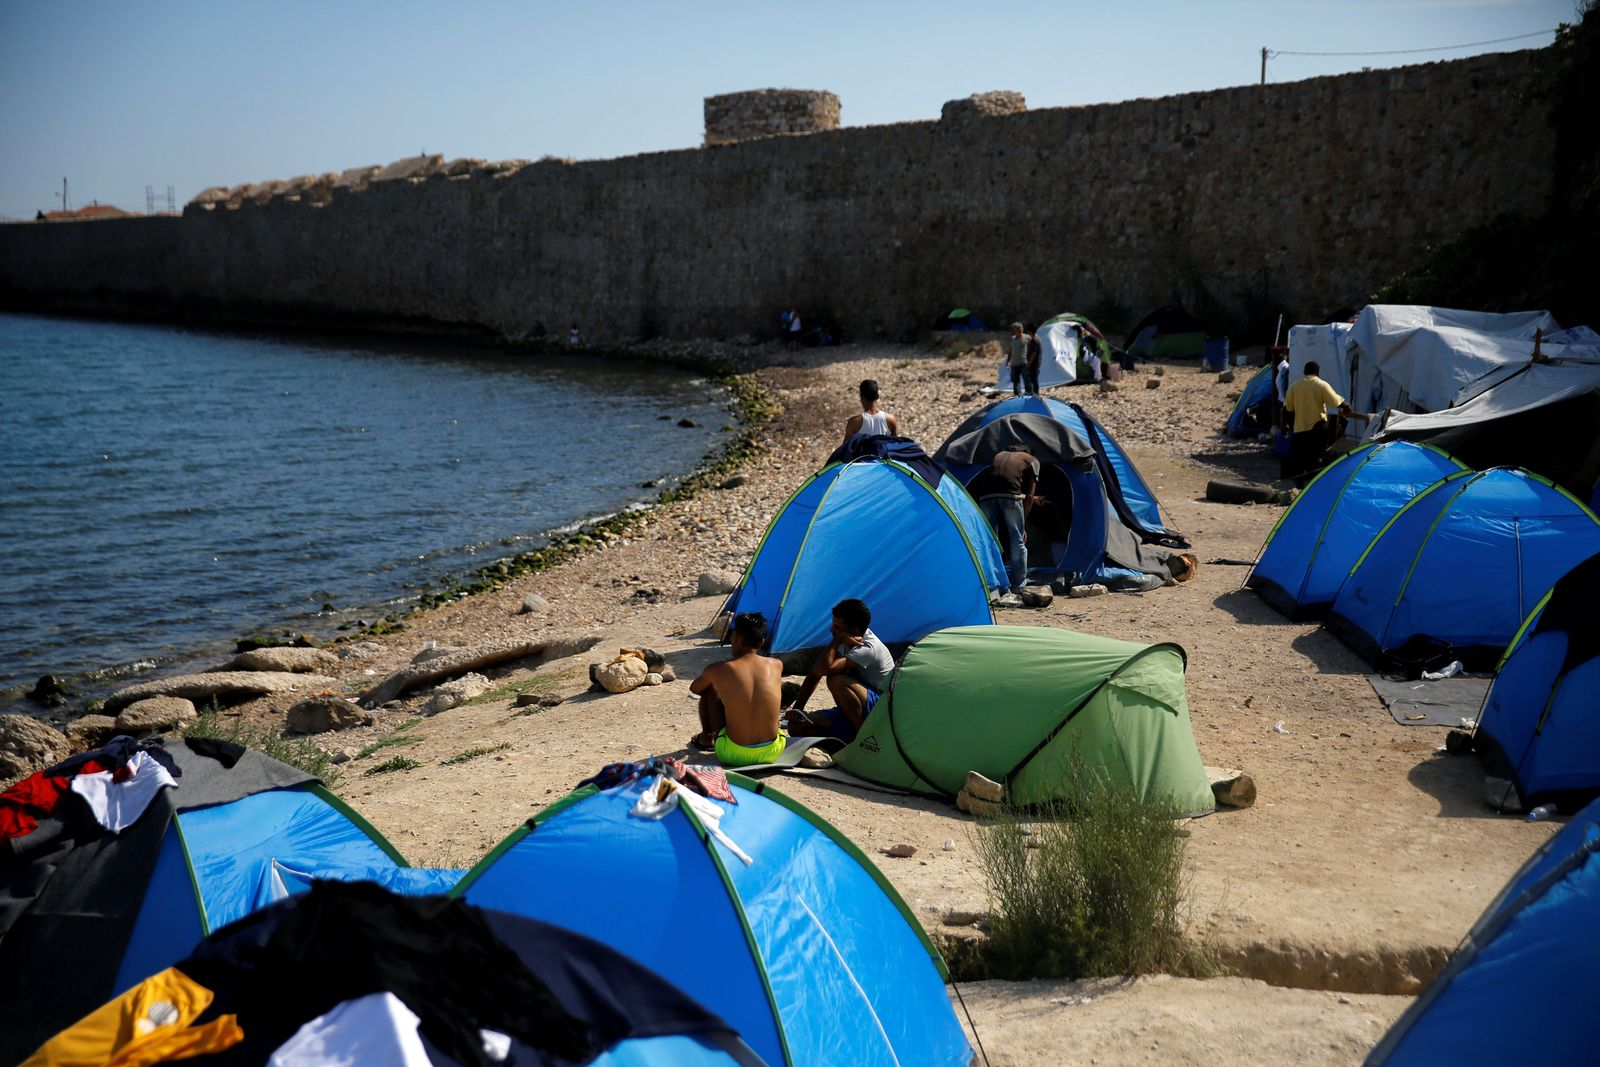 Griiechenland / Flüchtlinge / Migranten